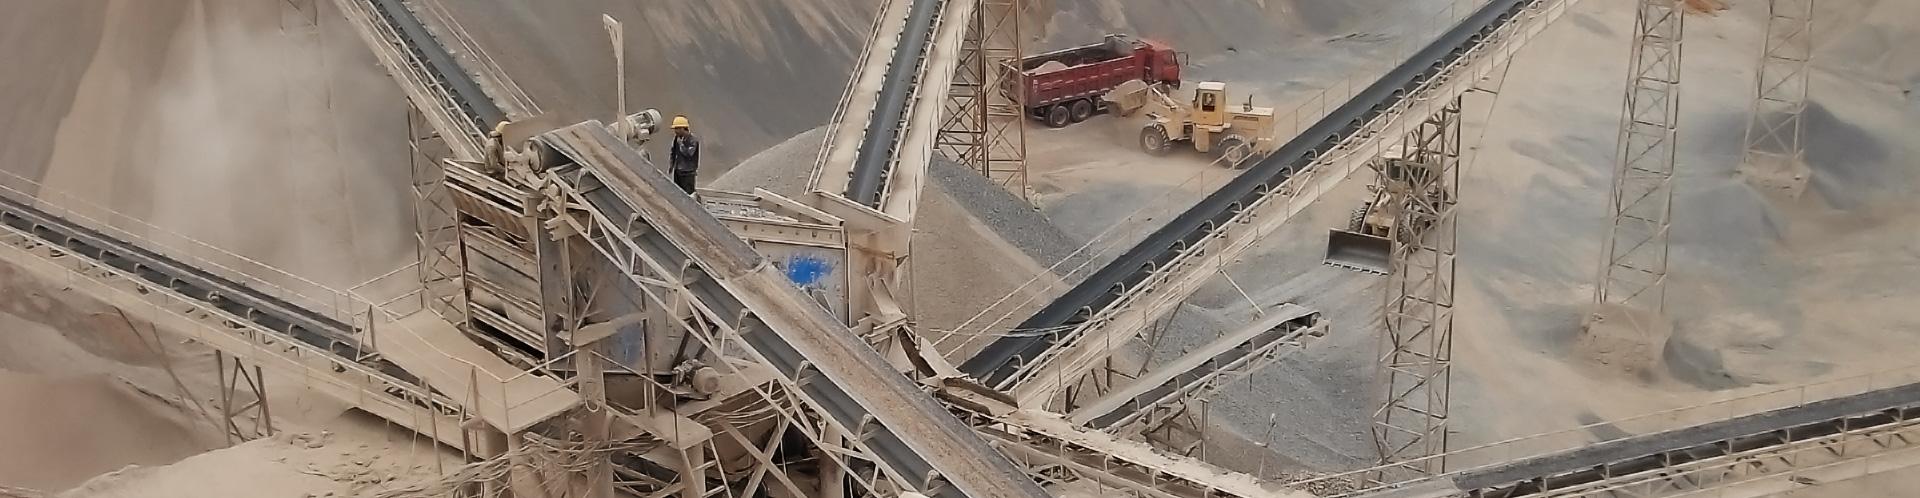 埃及客戶時產150-450噸石料生產線